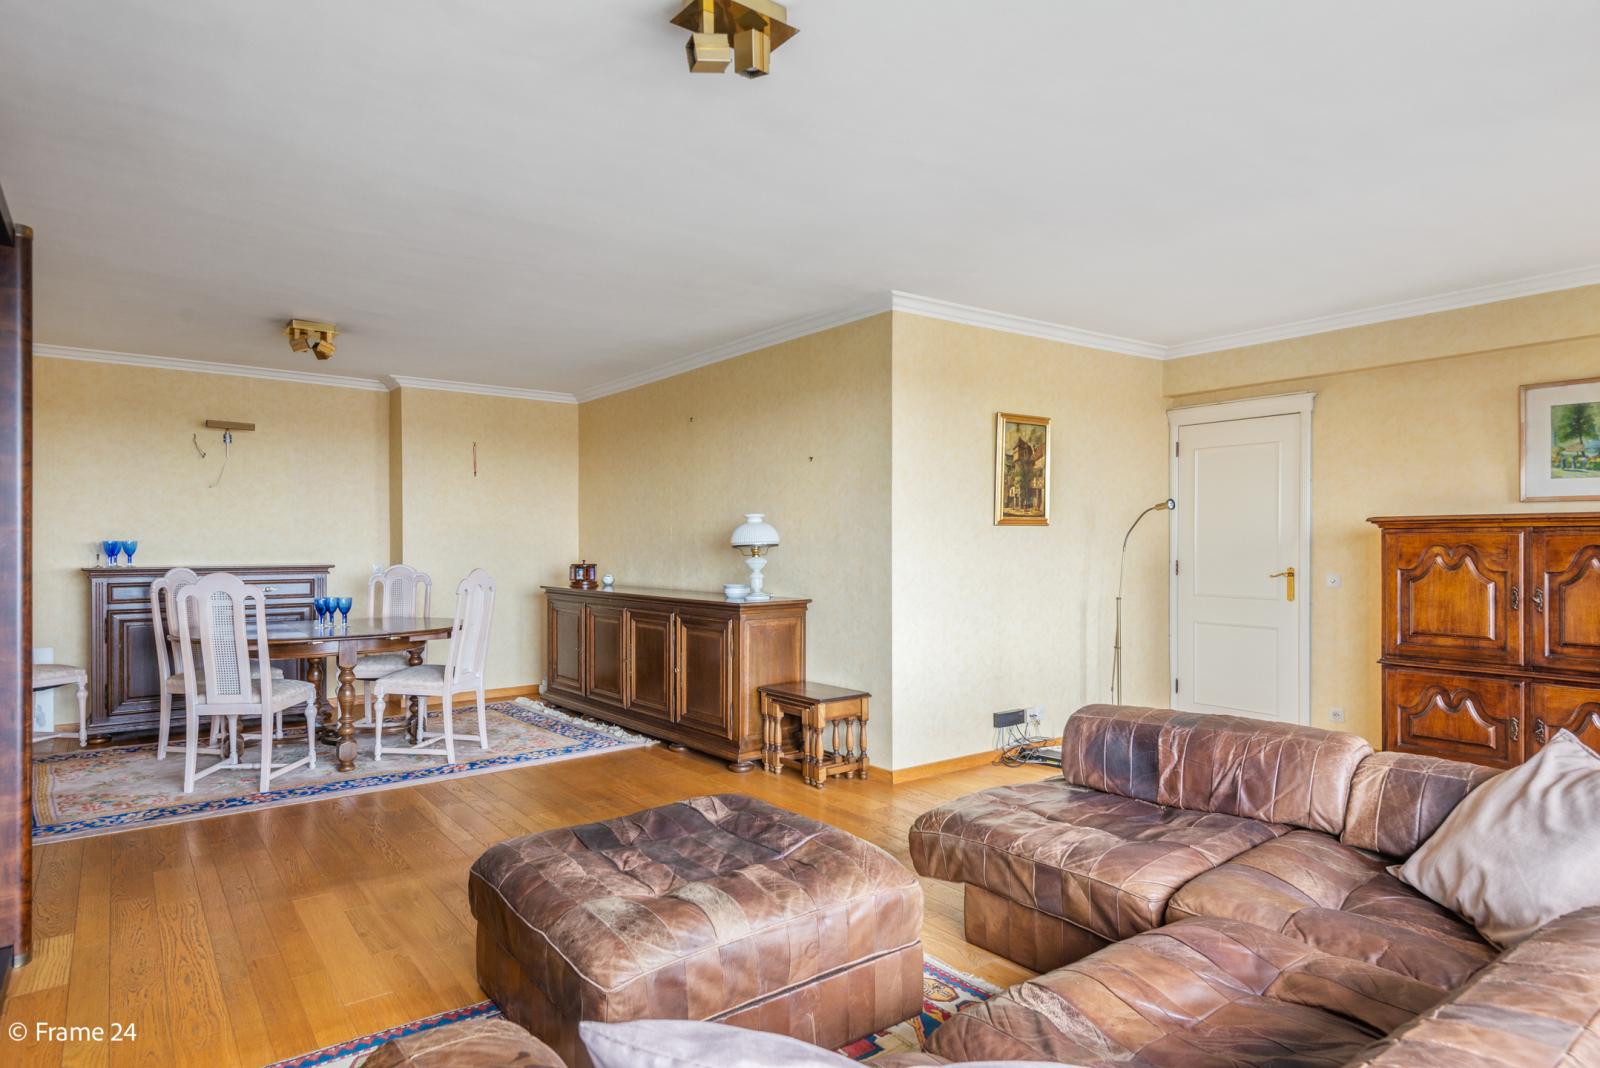 Appartement met 3 slaapkamers op gunstige locatie in Berchem. afbeelding 6